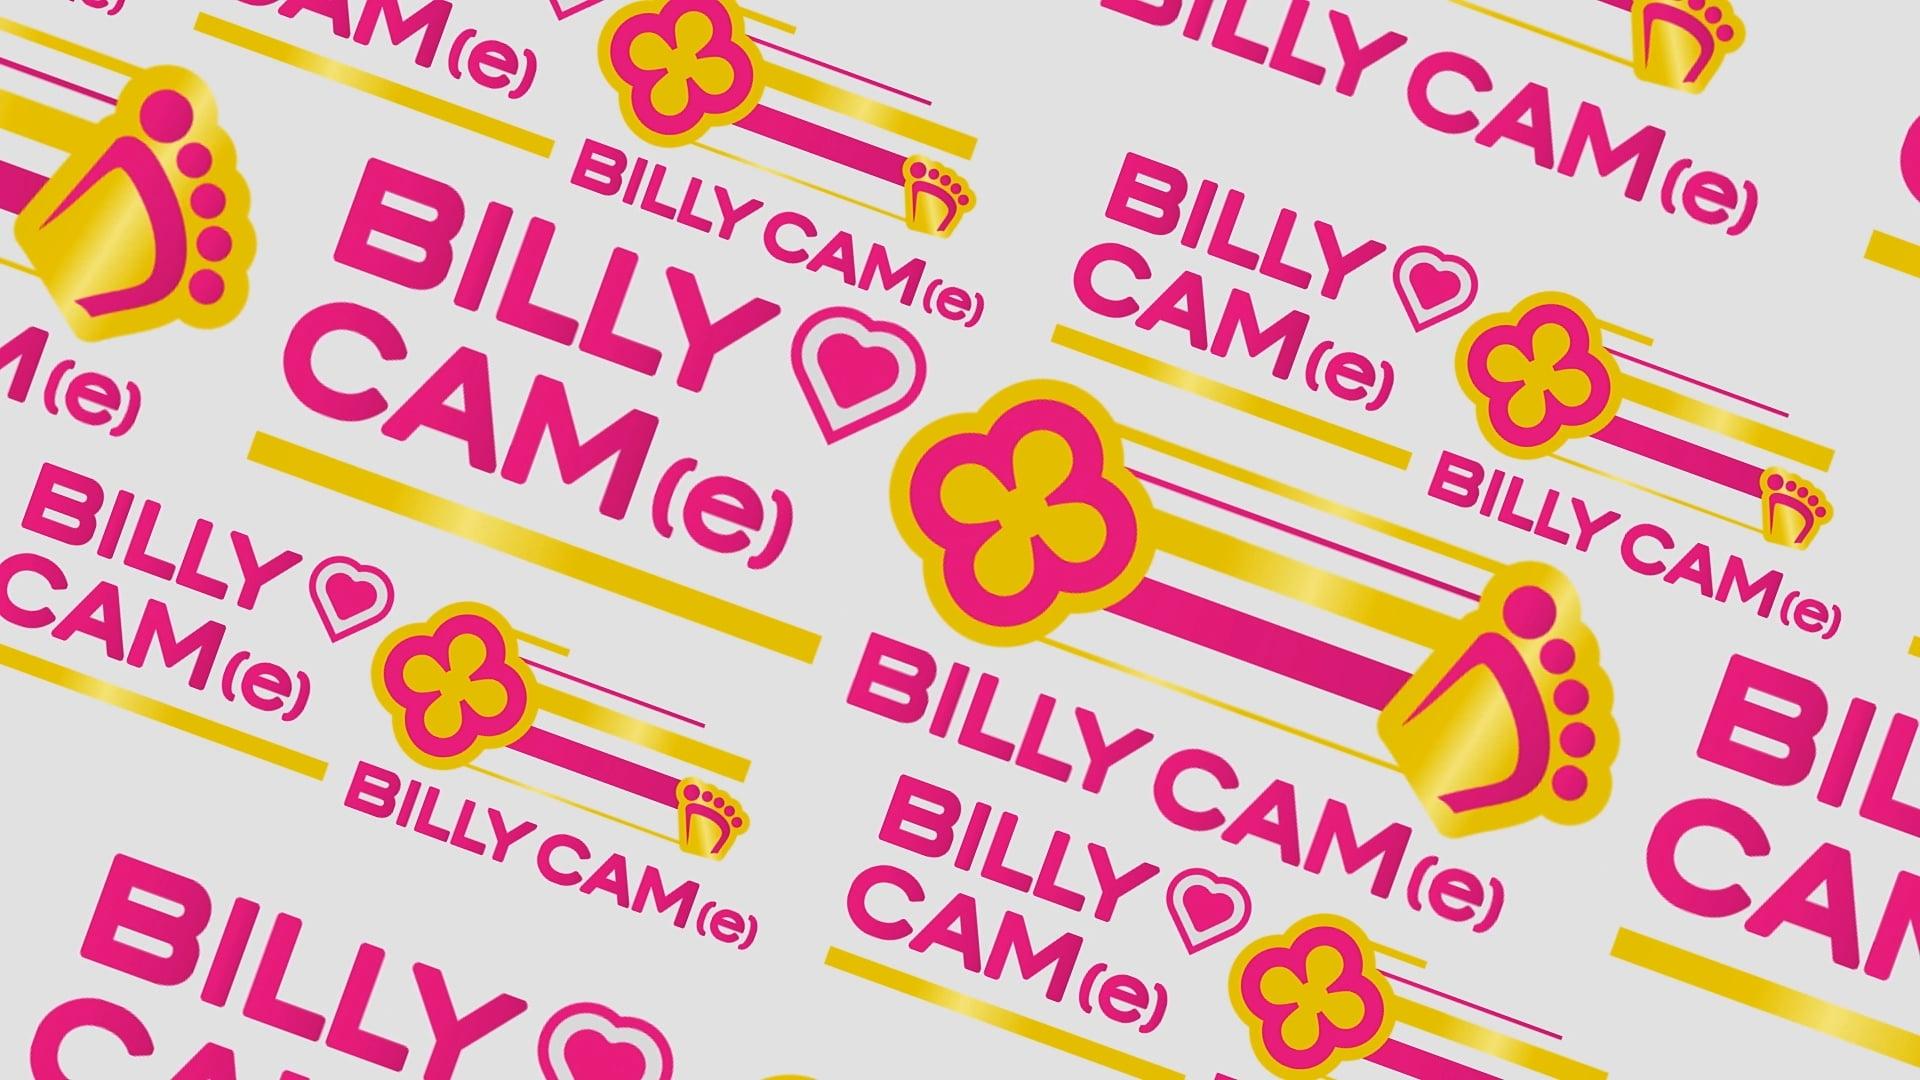 BILLY CAM(e)